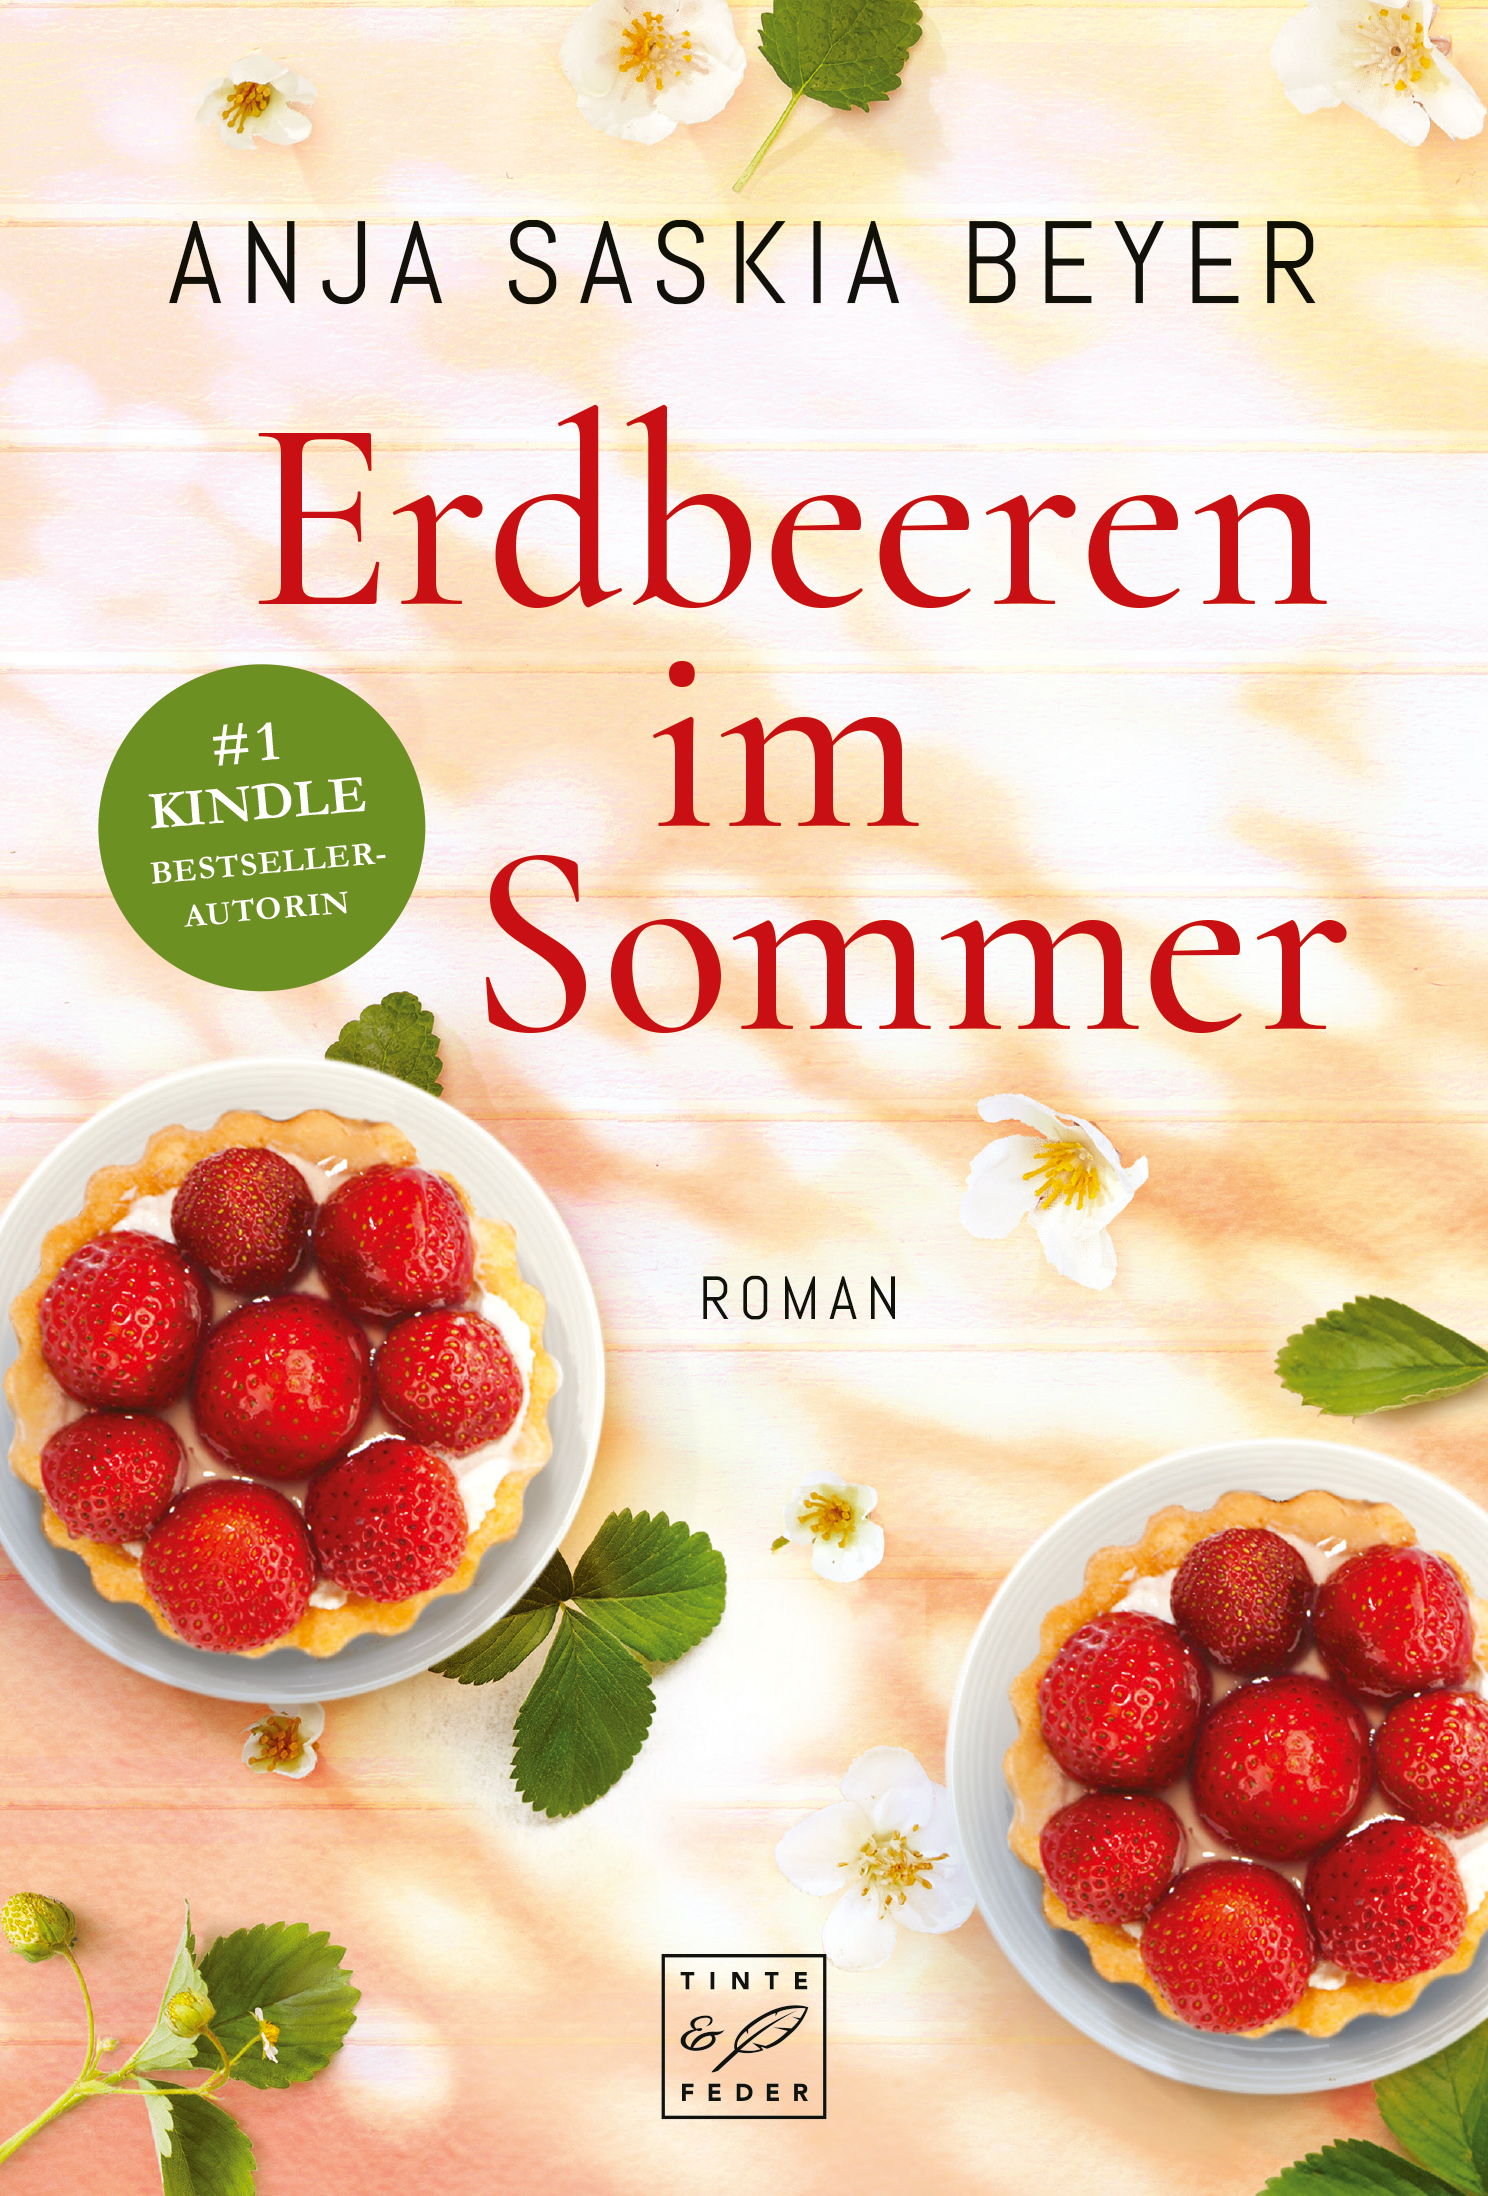 Beyer-Erdbeeren-im-Sommer-23837-CV-FT-V6 final 13.3.17